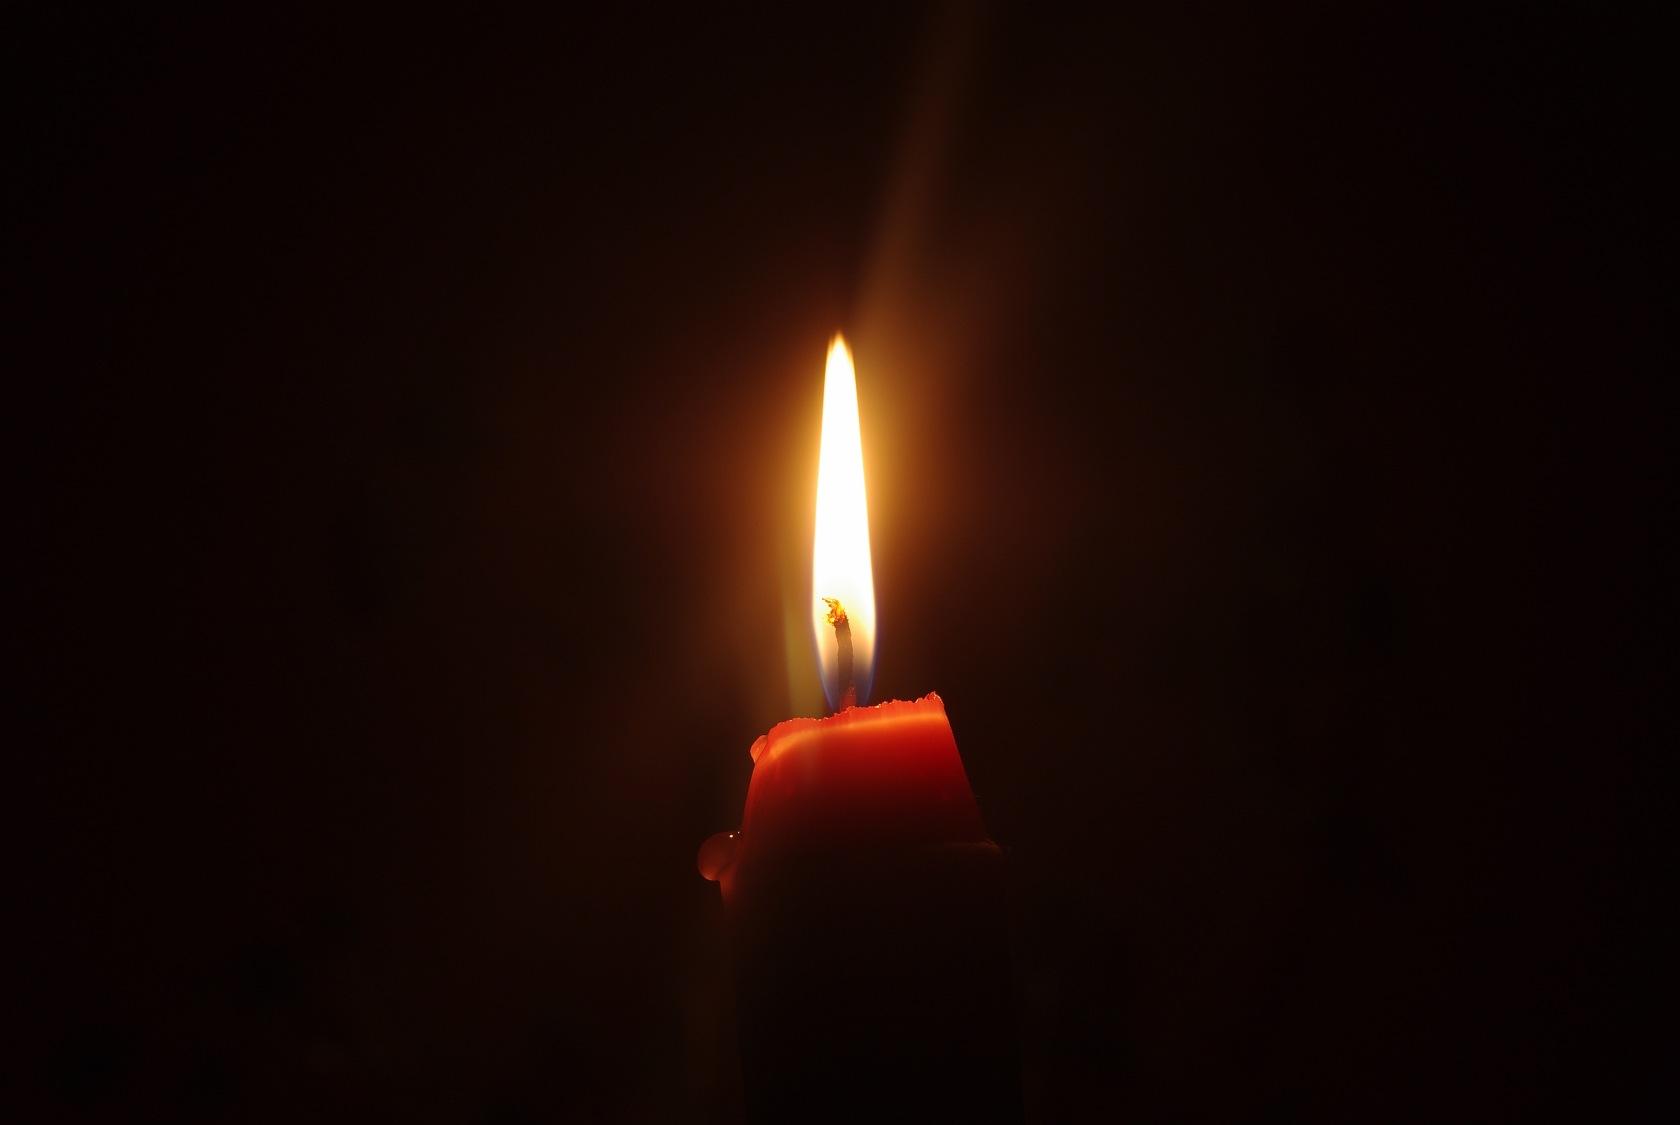 Волонтери повідомили про смерть закарпатця, який був бійцем 93-ої бригади